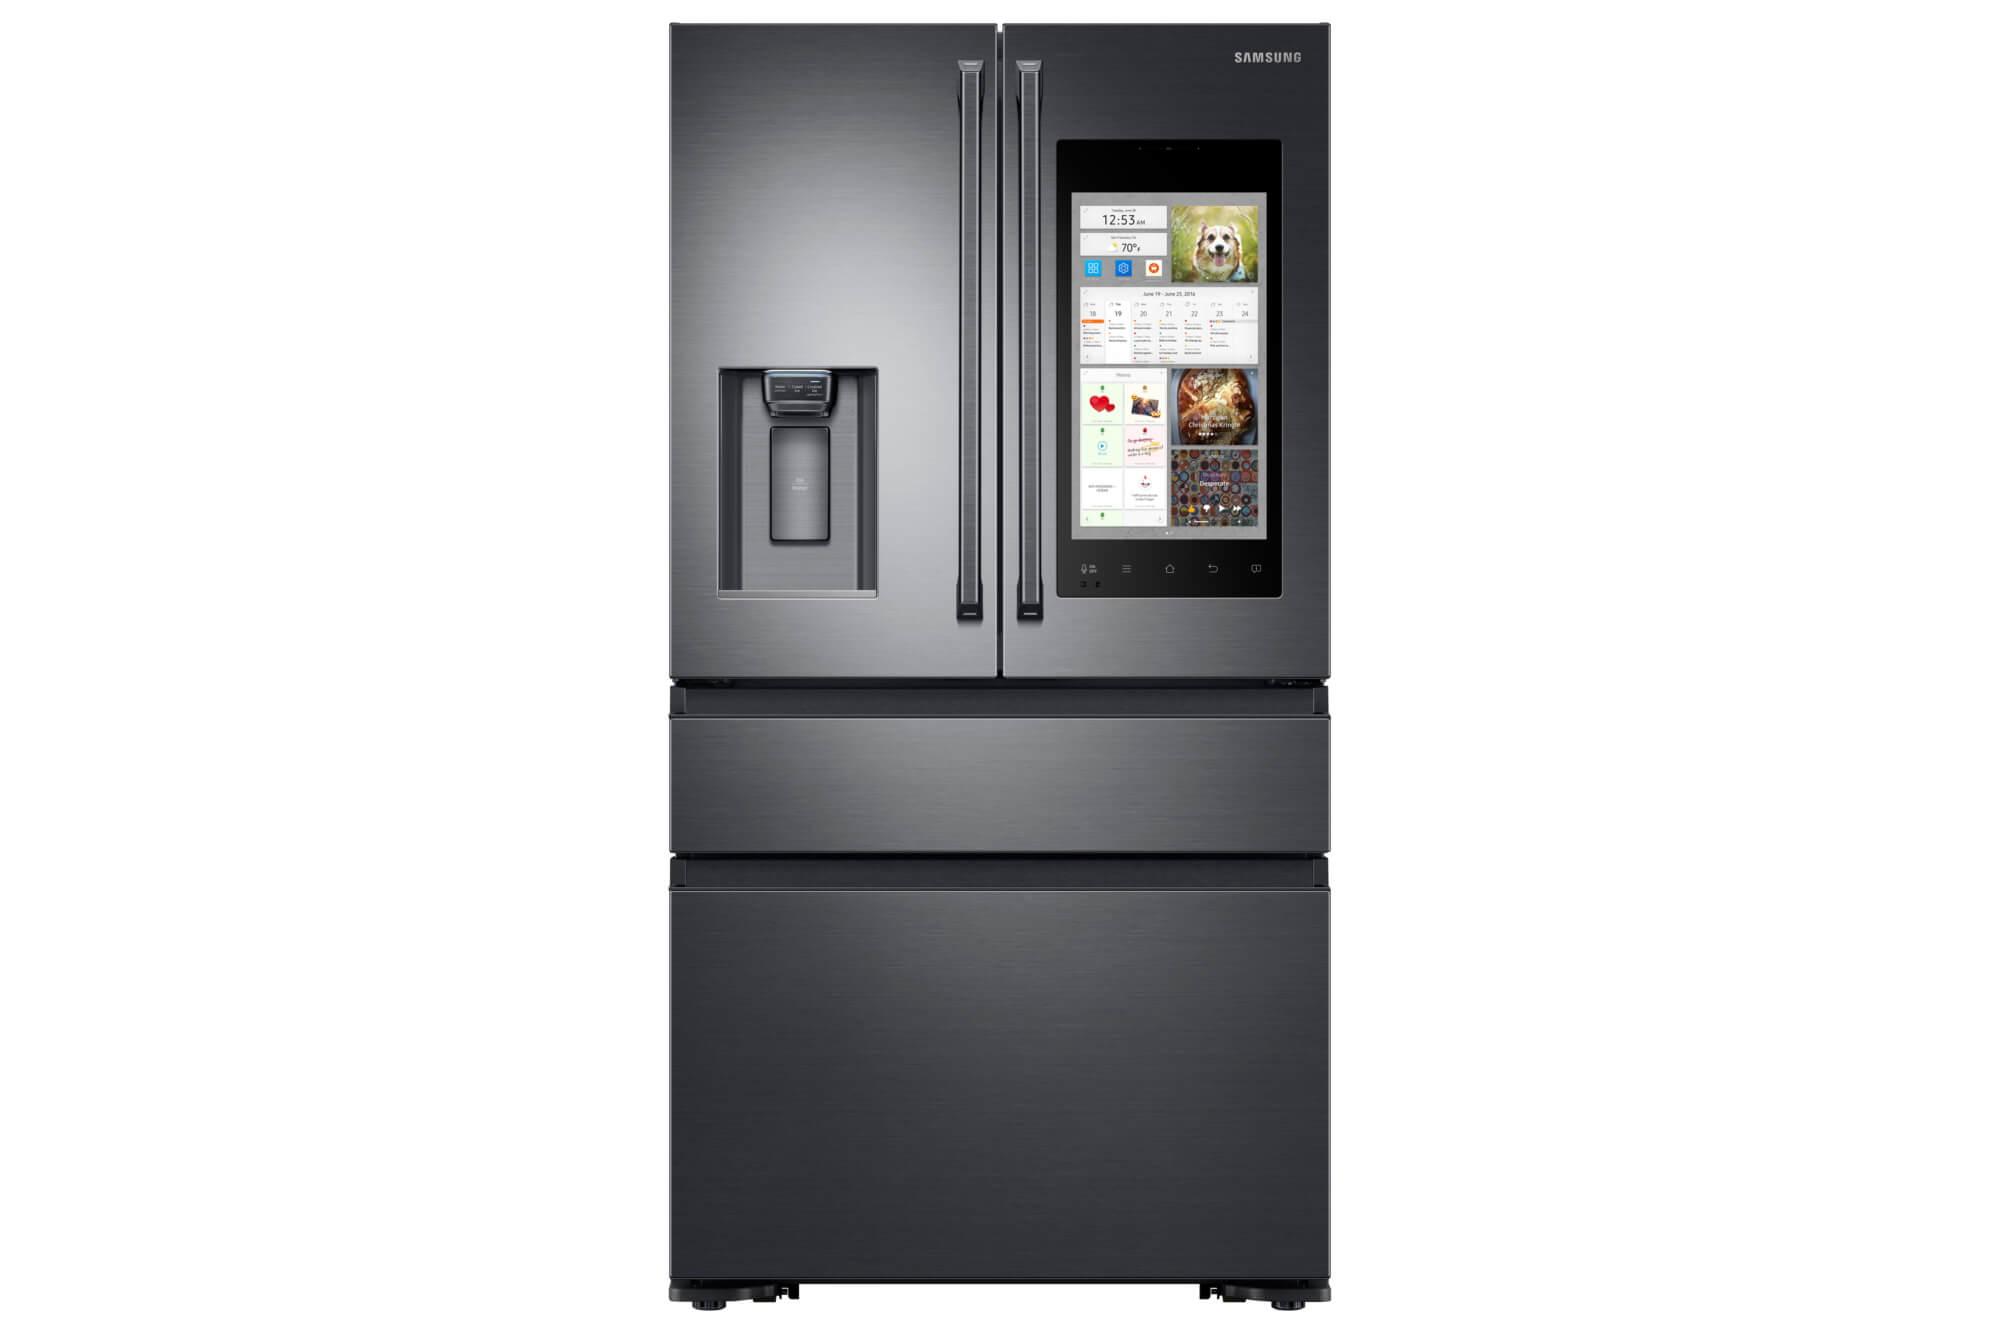 Der smarte Kühlschrank Family Hub 2.0 von Samsung